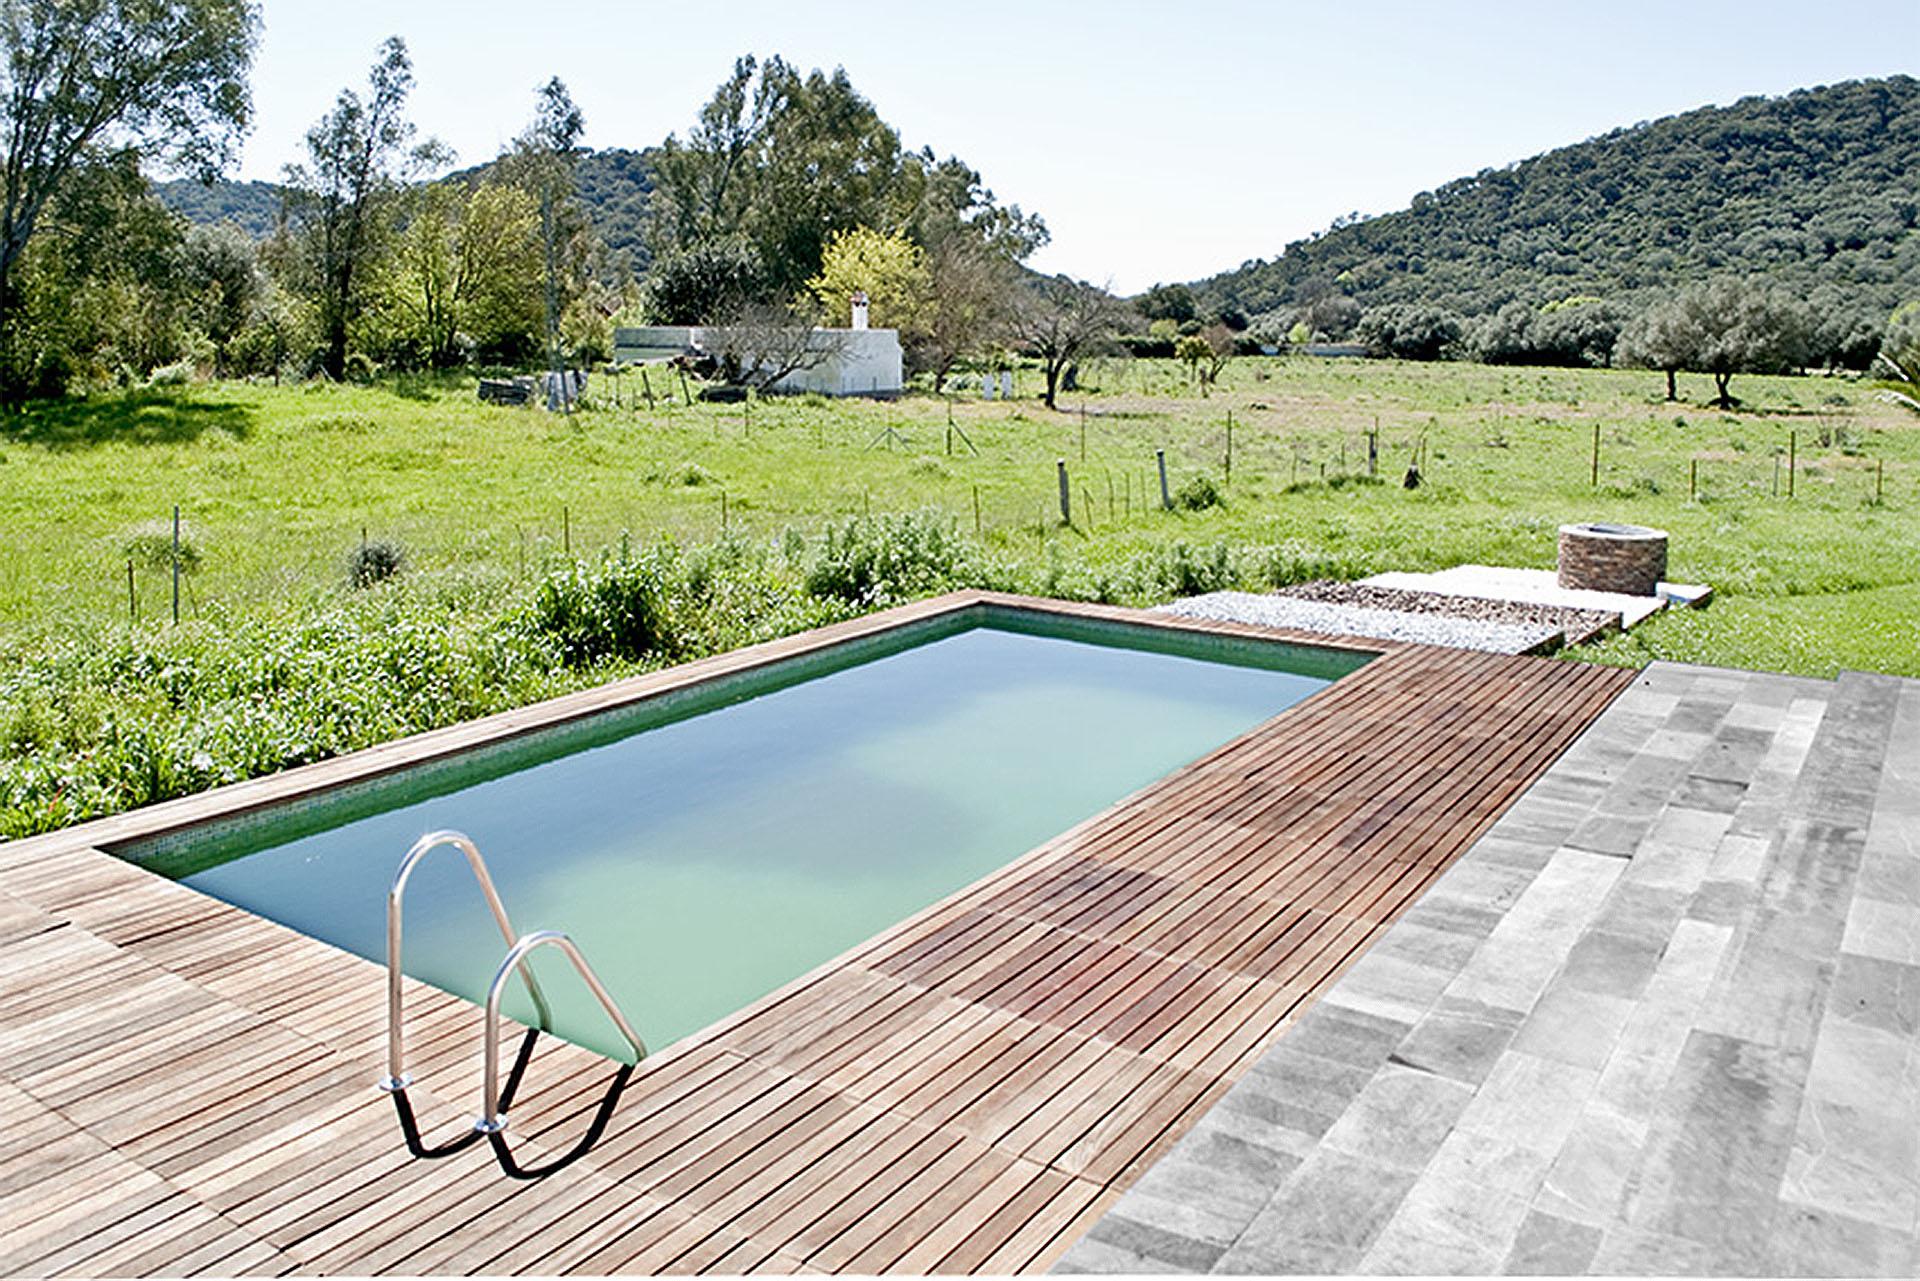 11_CADIZ_piscina07